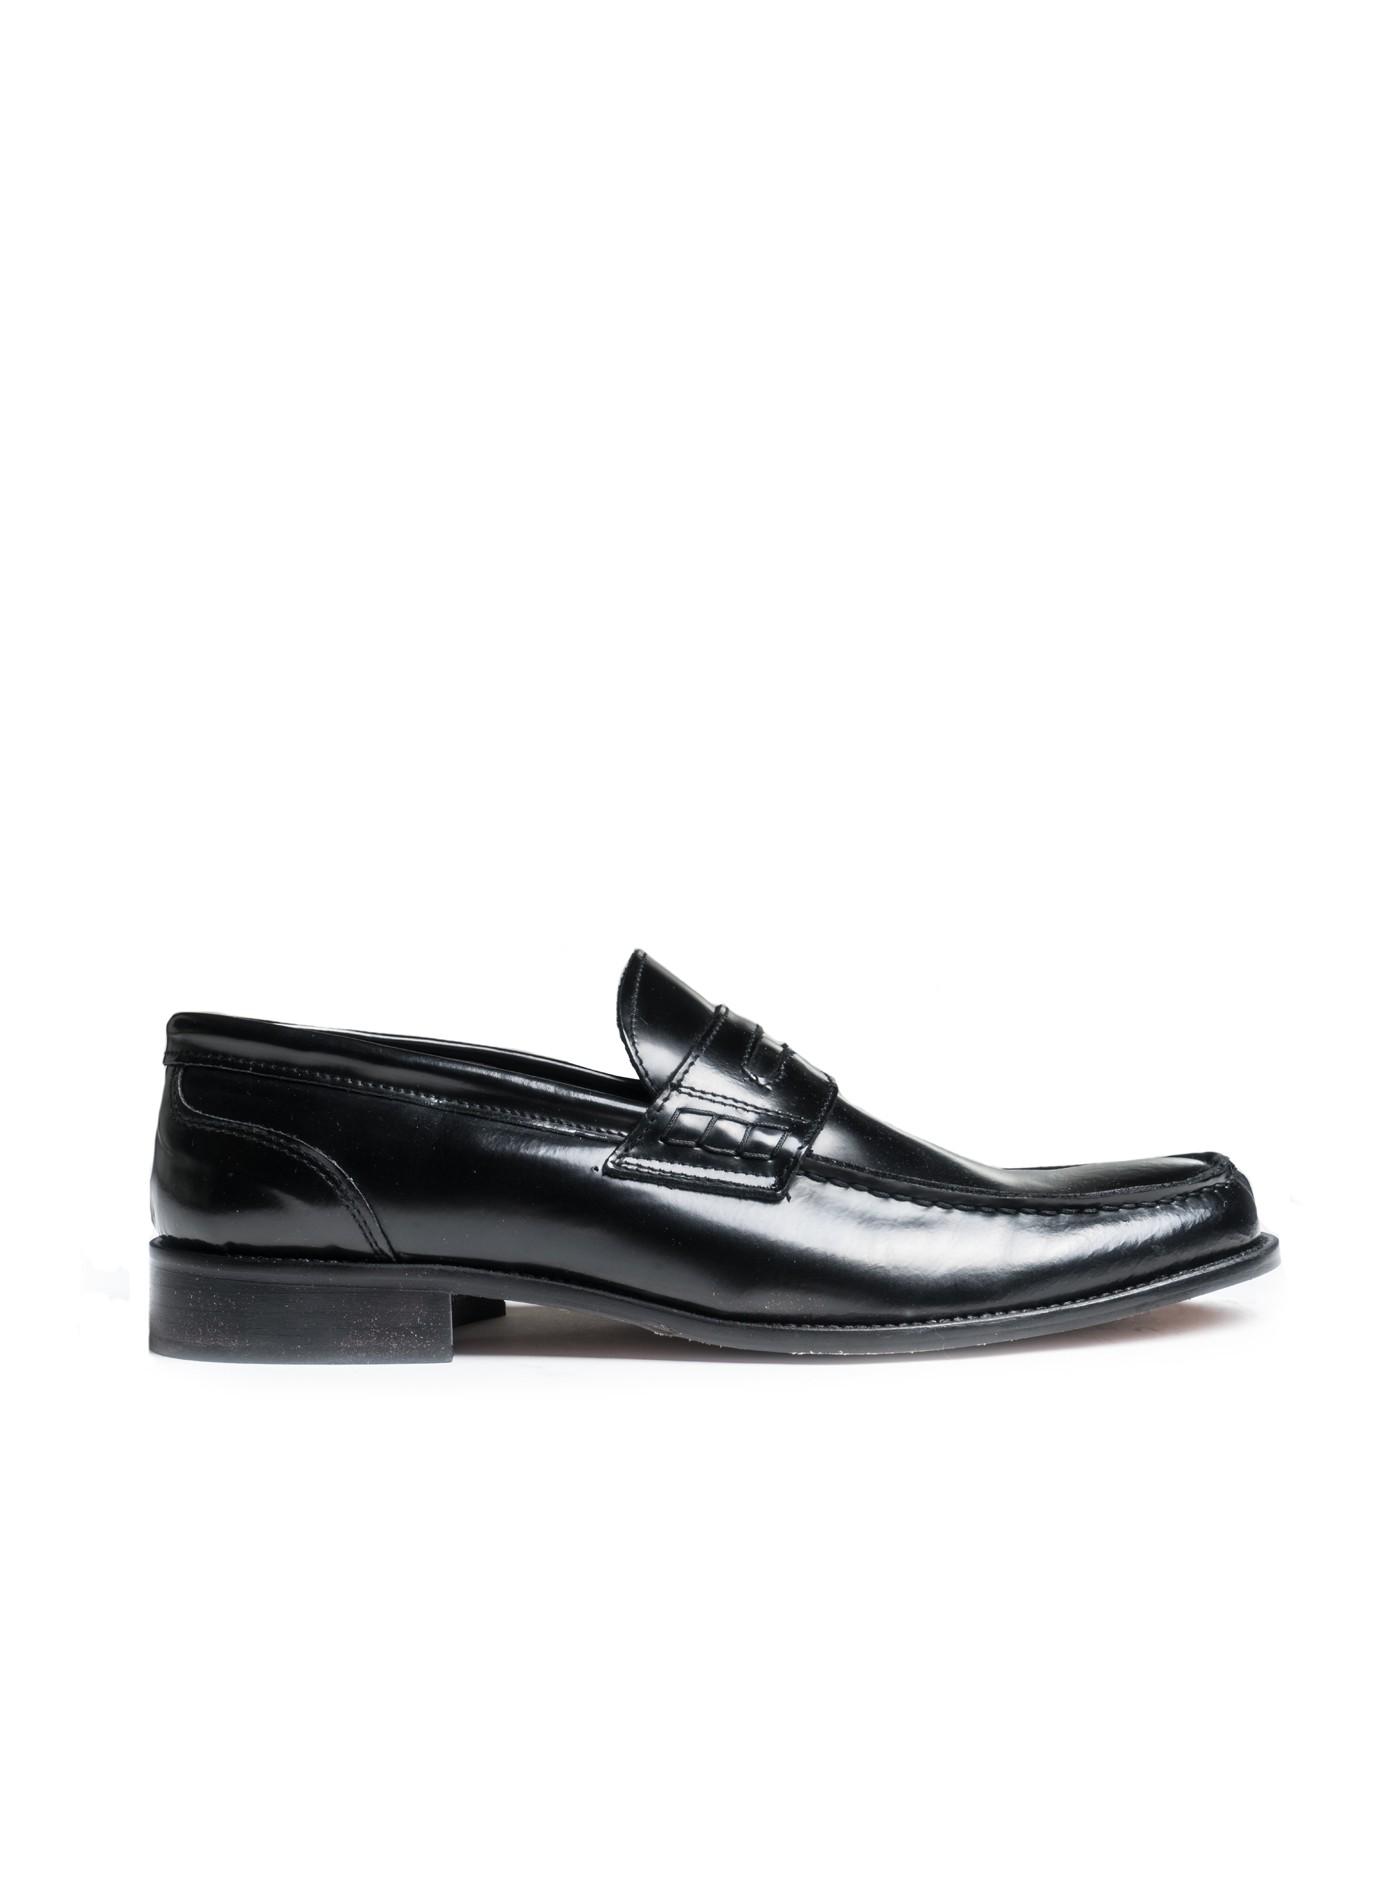 scarpa uomo John Barritt, mocassino in pelle di vitello spazzolato nero,  suola in cuoio. Composizione 100% pelle. Nero